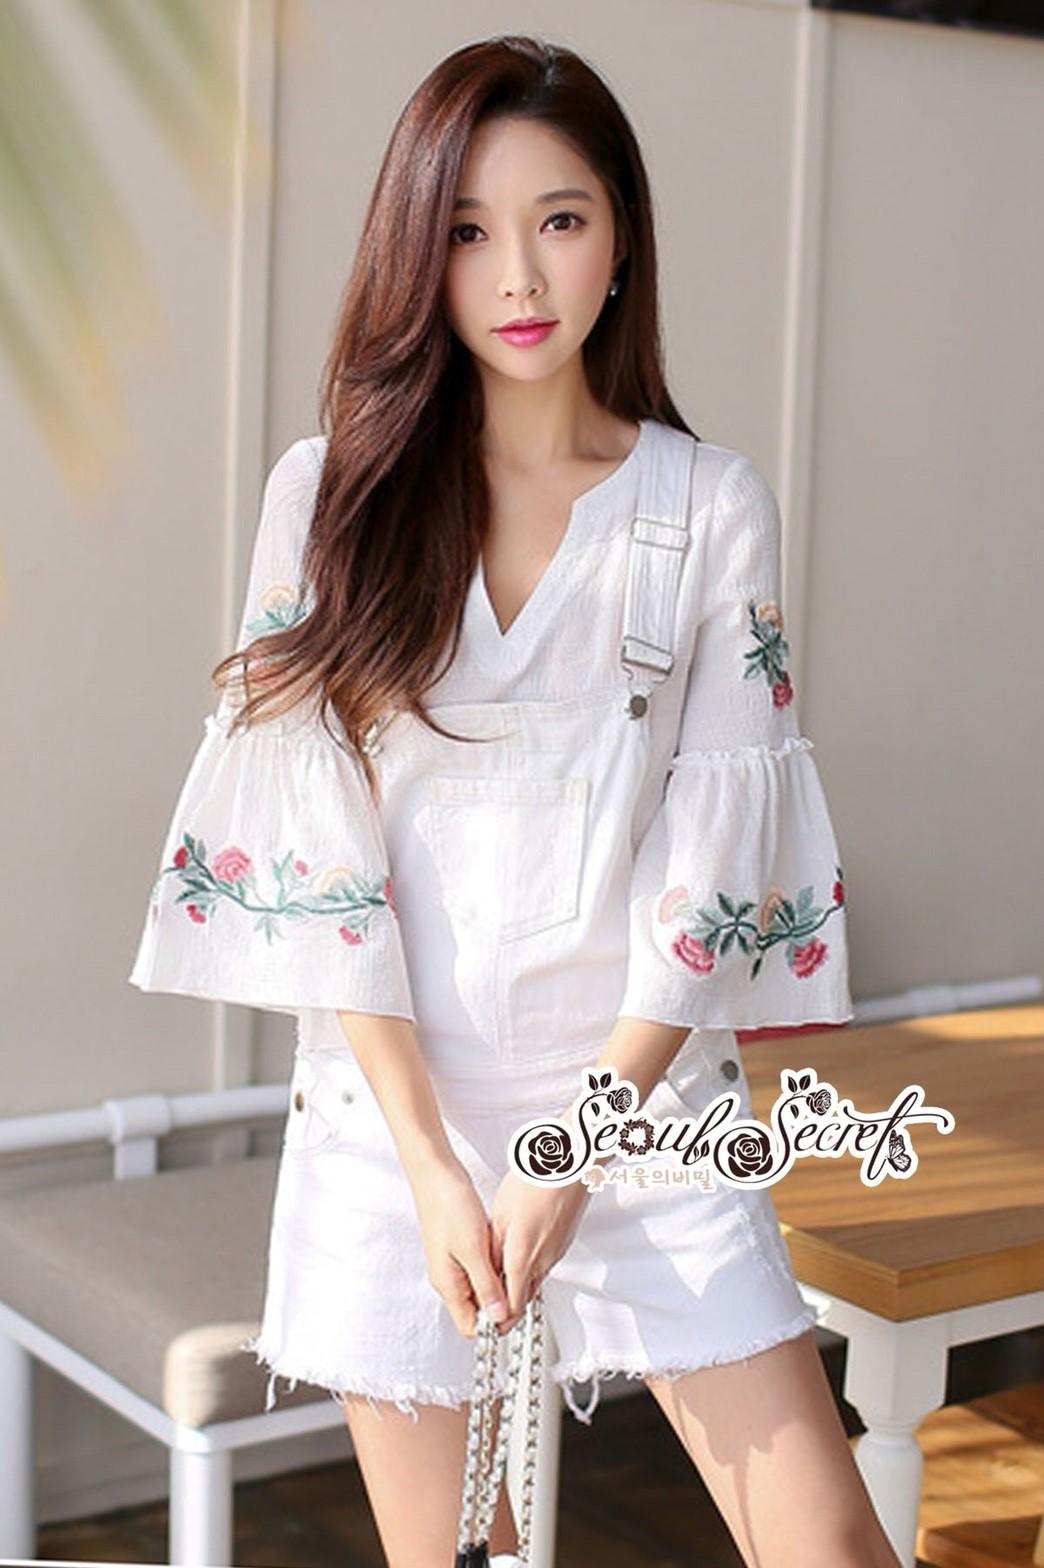 ชุดเซทแฟชั่น งานเซ็ทสไตล์เกาหลี ดีเทลเสื้อคอวีทรงปล่อยใส่สบาย Style Vintage